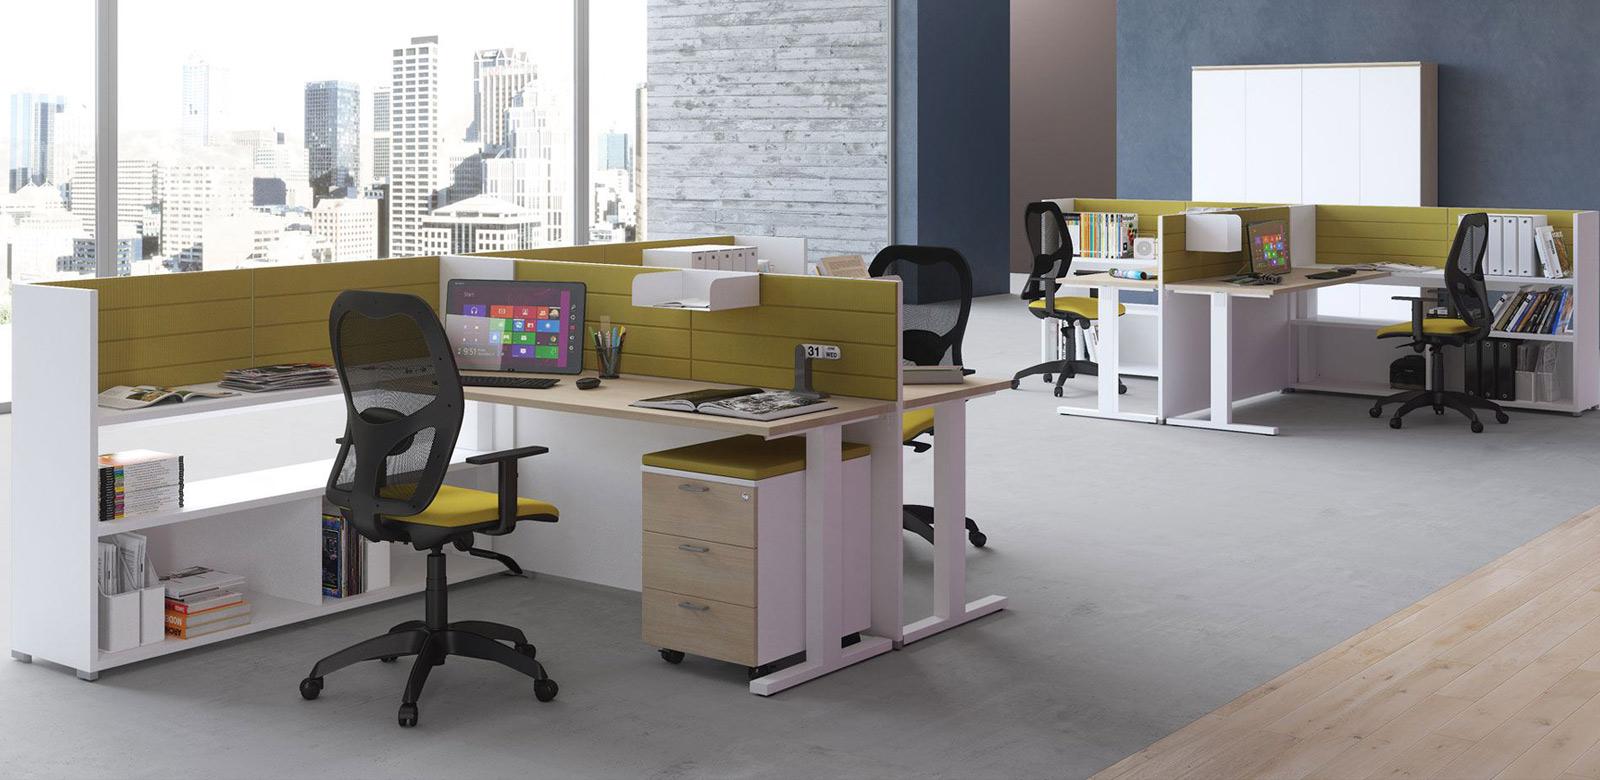 Arredo ufficio arredamento e mobili per ufficio su misura for Mobili per ufficio torino